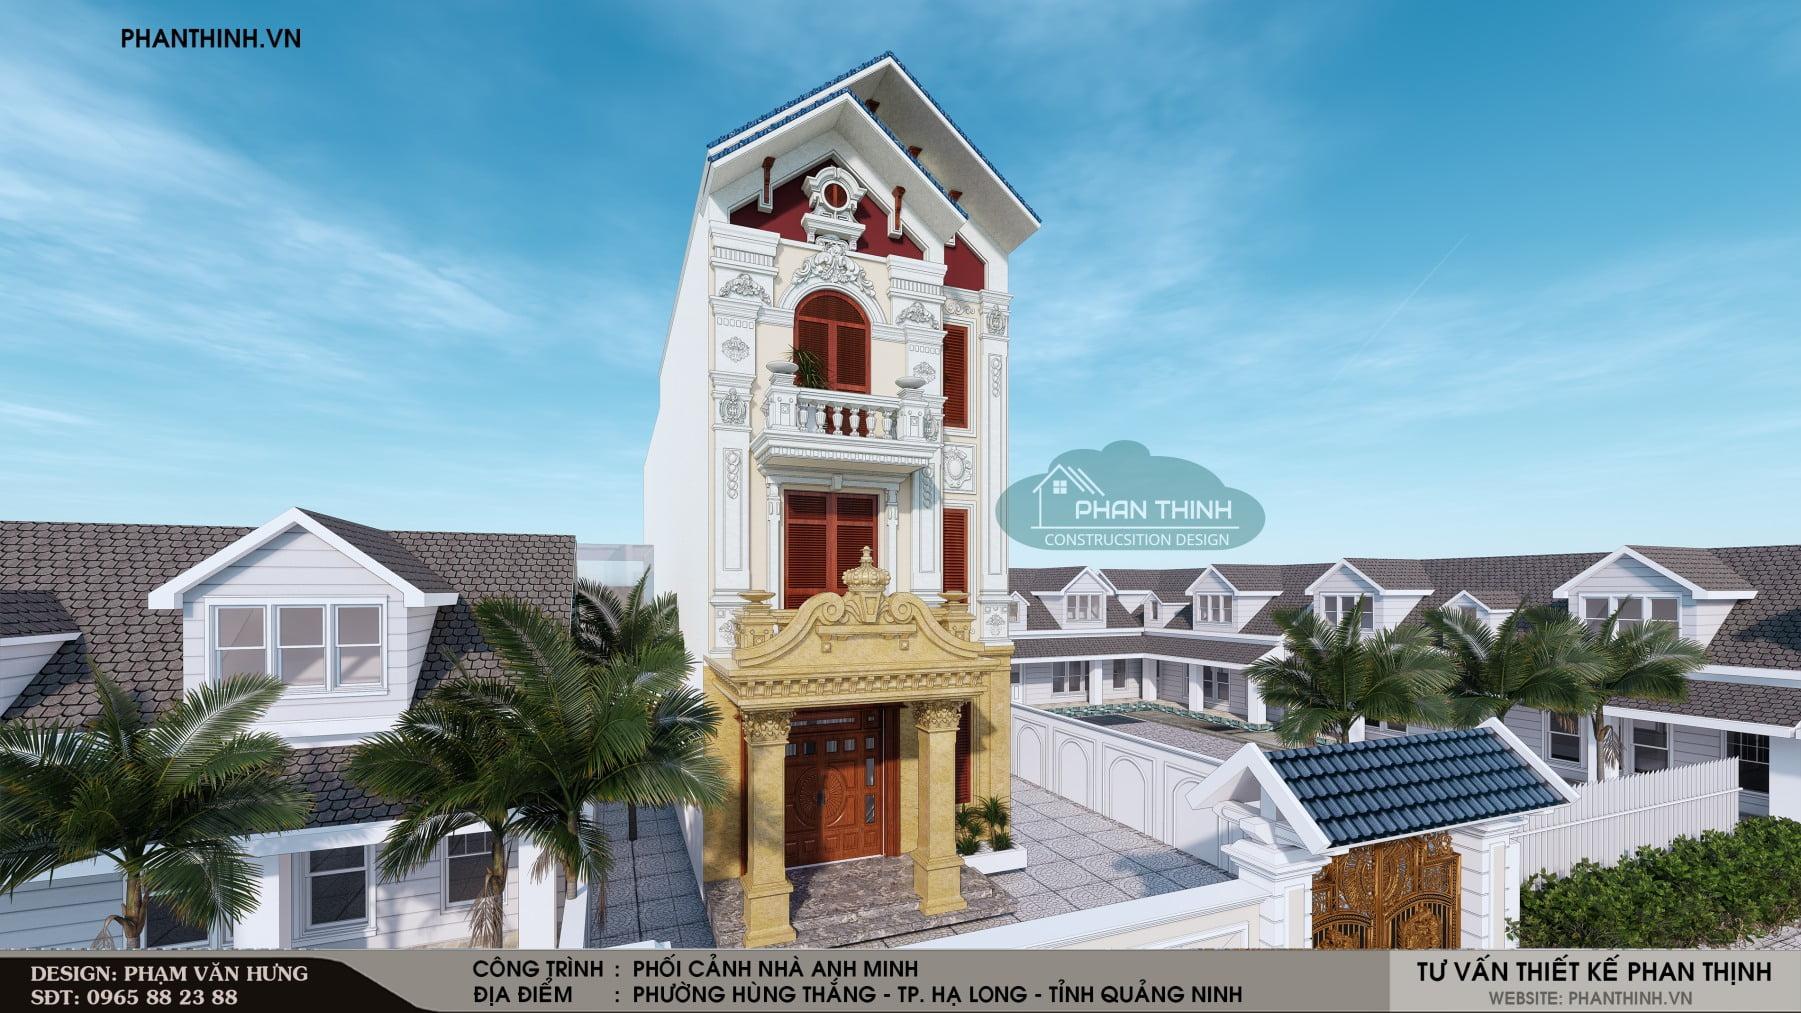 Thiết kế mặt tiền biệt thự 3 tầng kiến trúc cổ điển tại Quảng Ninh